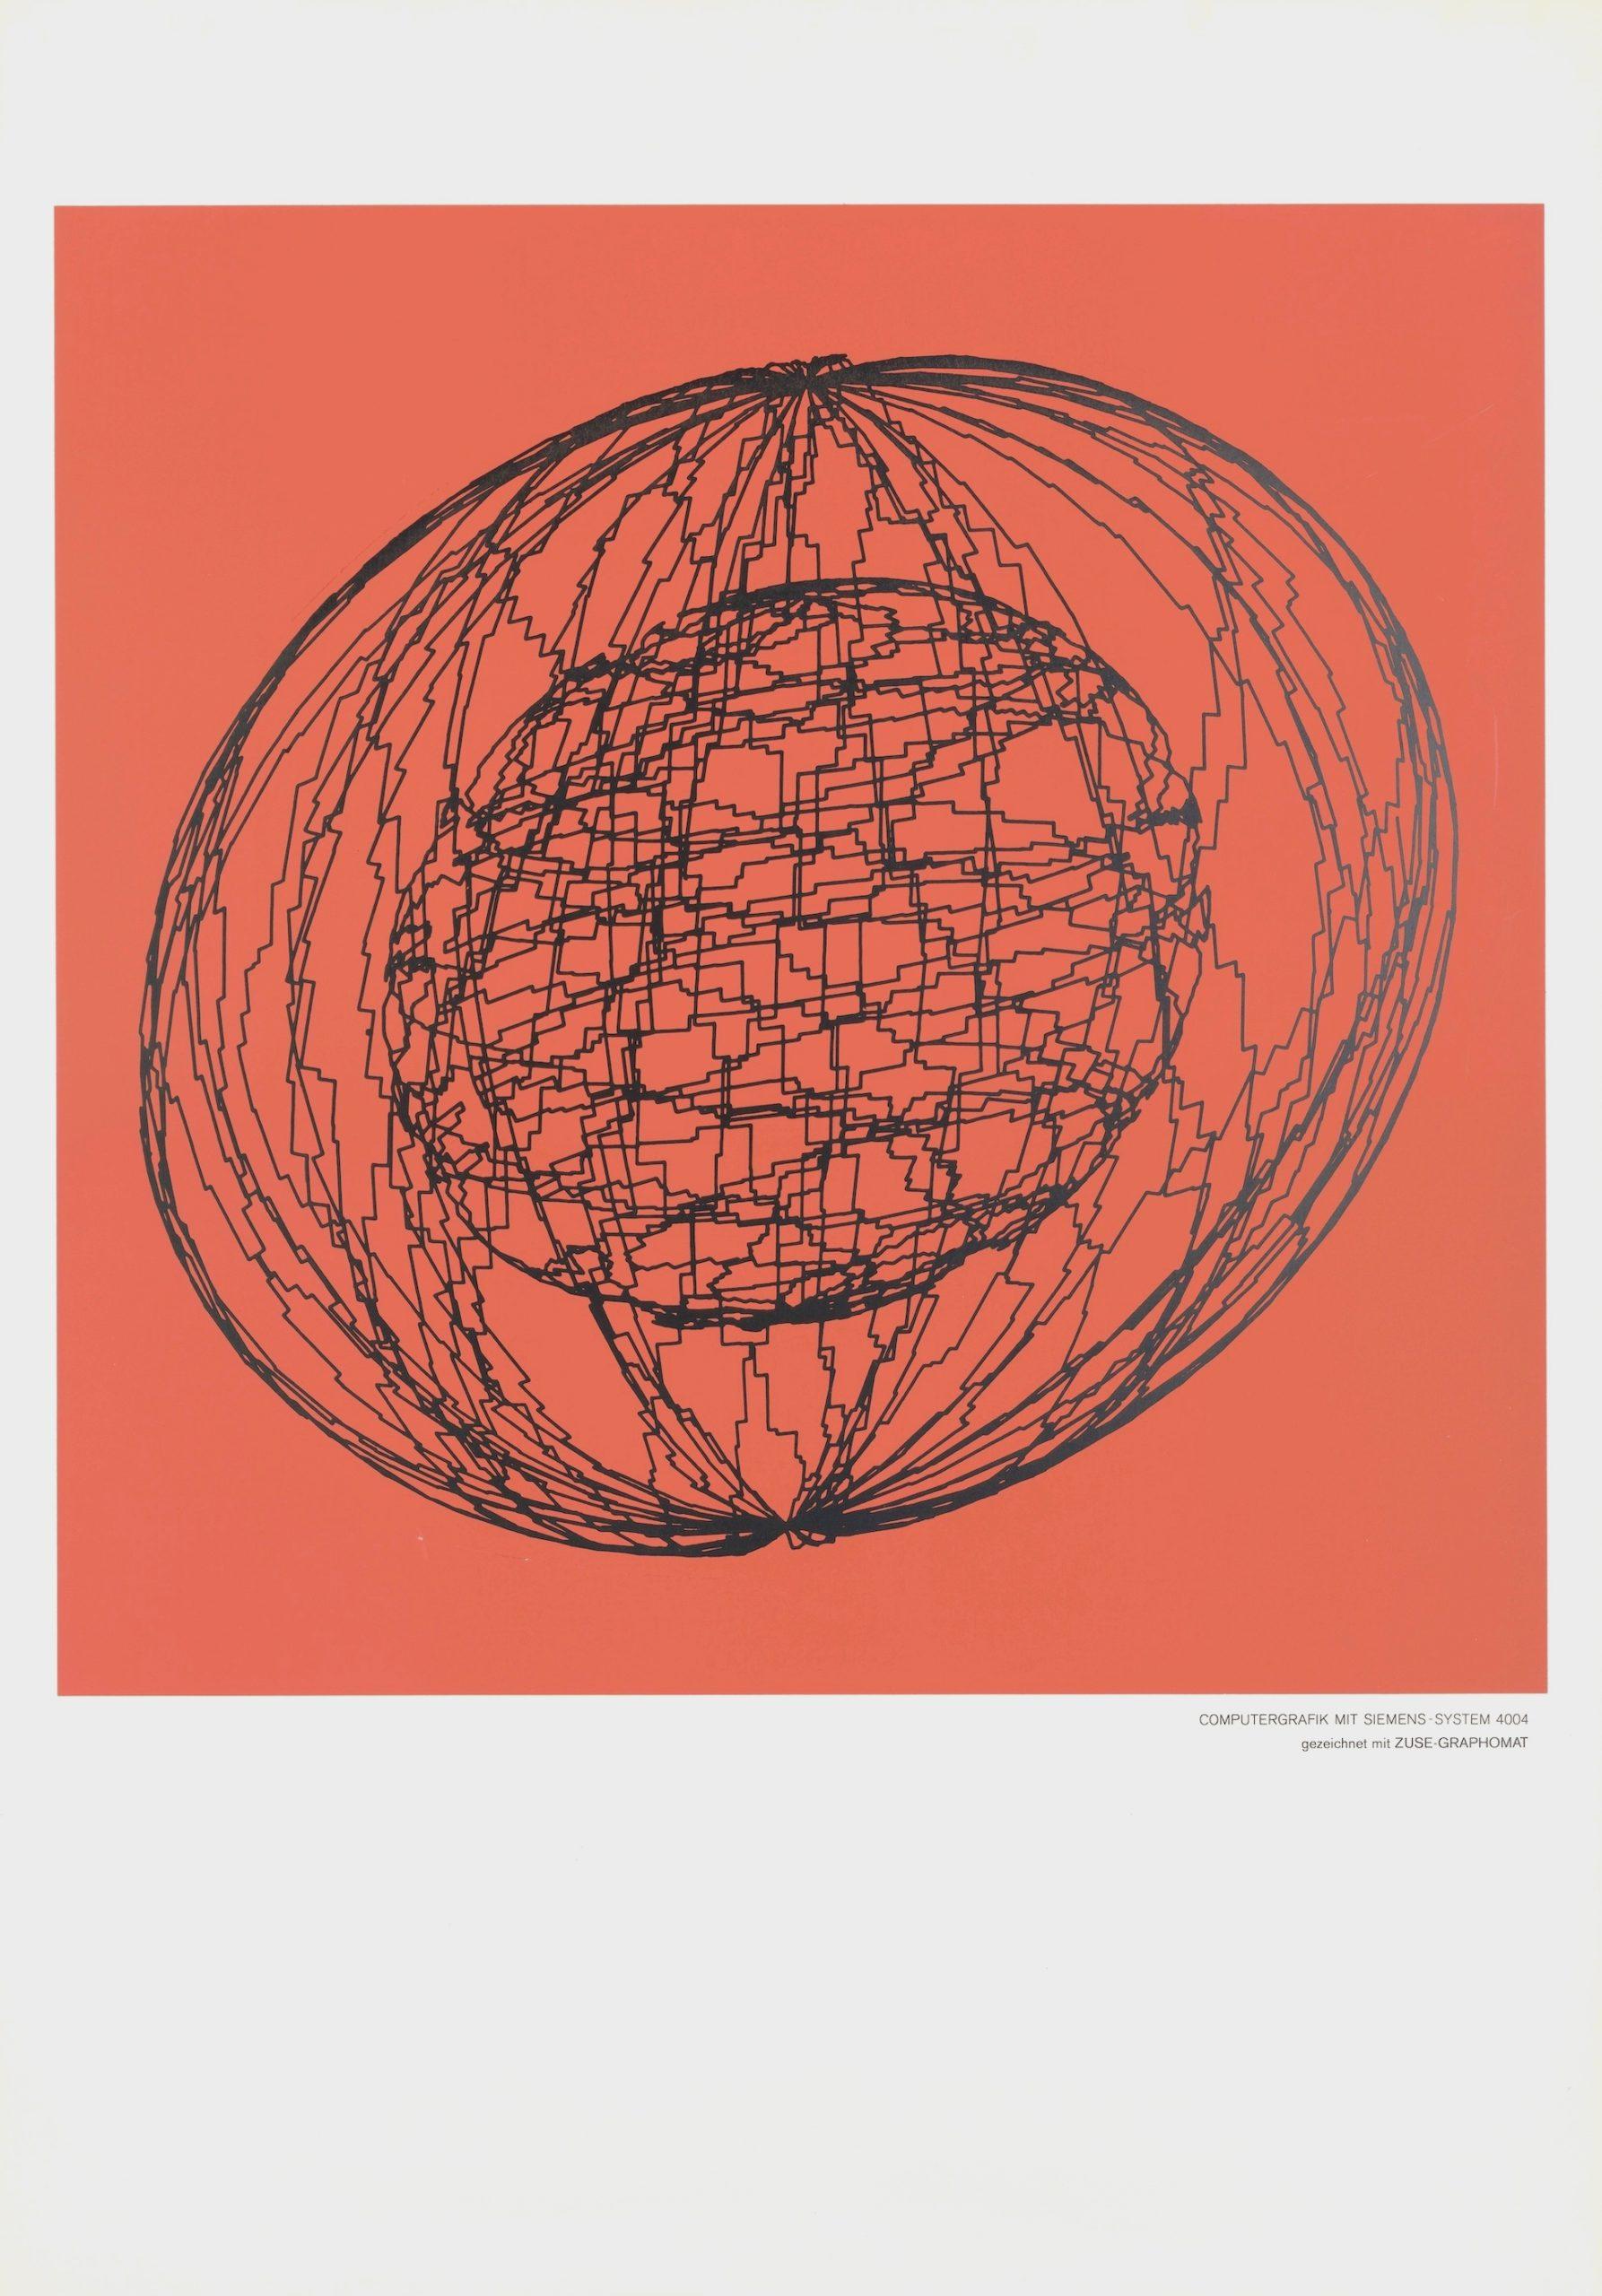 Georg Nees, ohne Titel, Siebdruck, 70 x 100 cm (Blattgröße), unlimitiert, 1965, Kratzer auf der linken Seite des roten Motivs, Preis: 1 500 Euro (P)